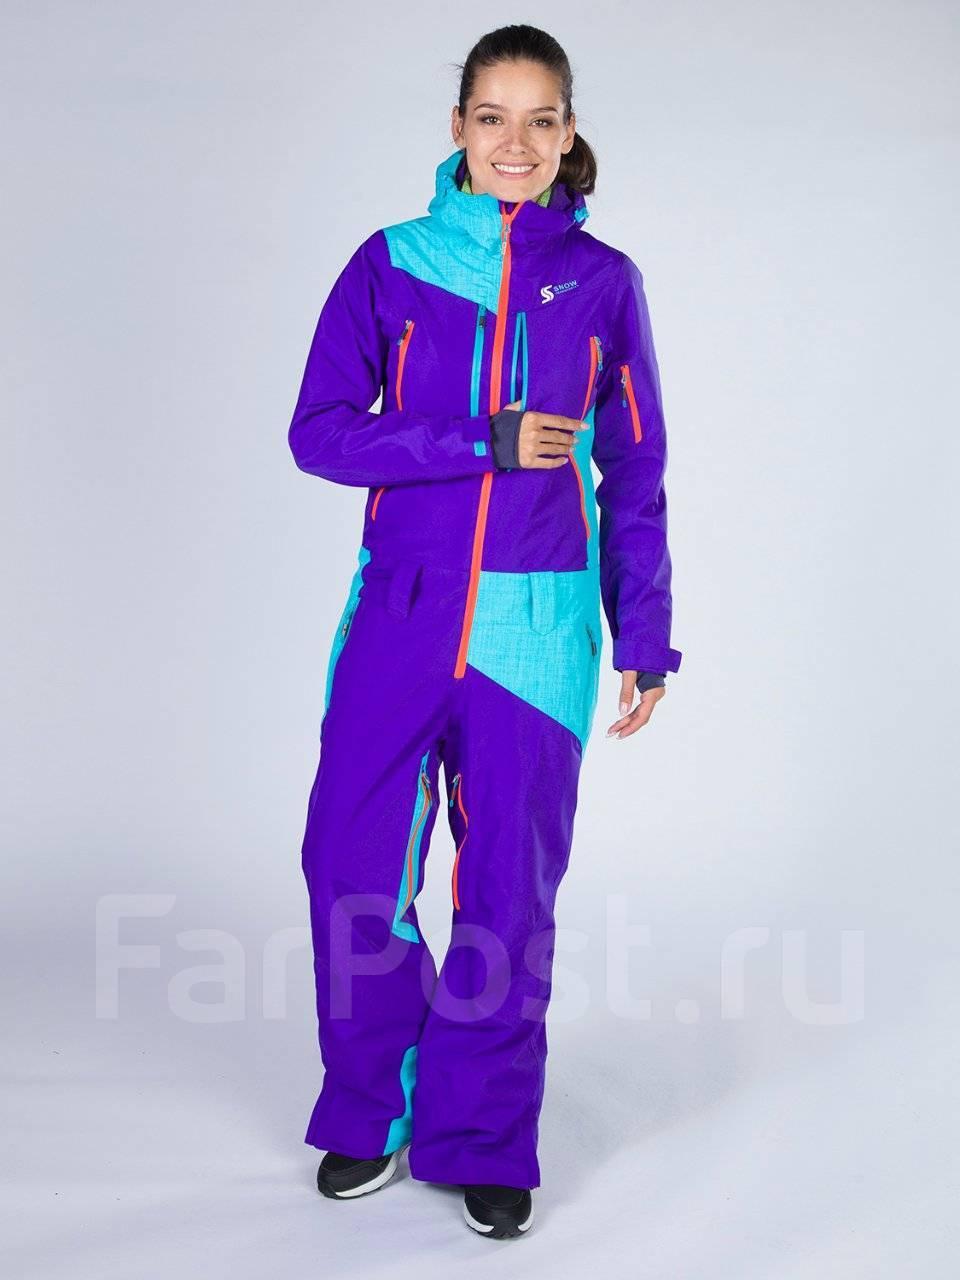 3cadc6eafb5b Женские комбинезоны для лыж и сноуборда купить. Цены на новую и б у одежду.